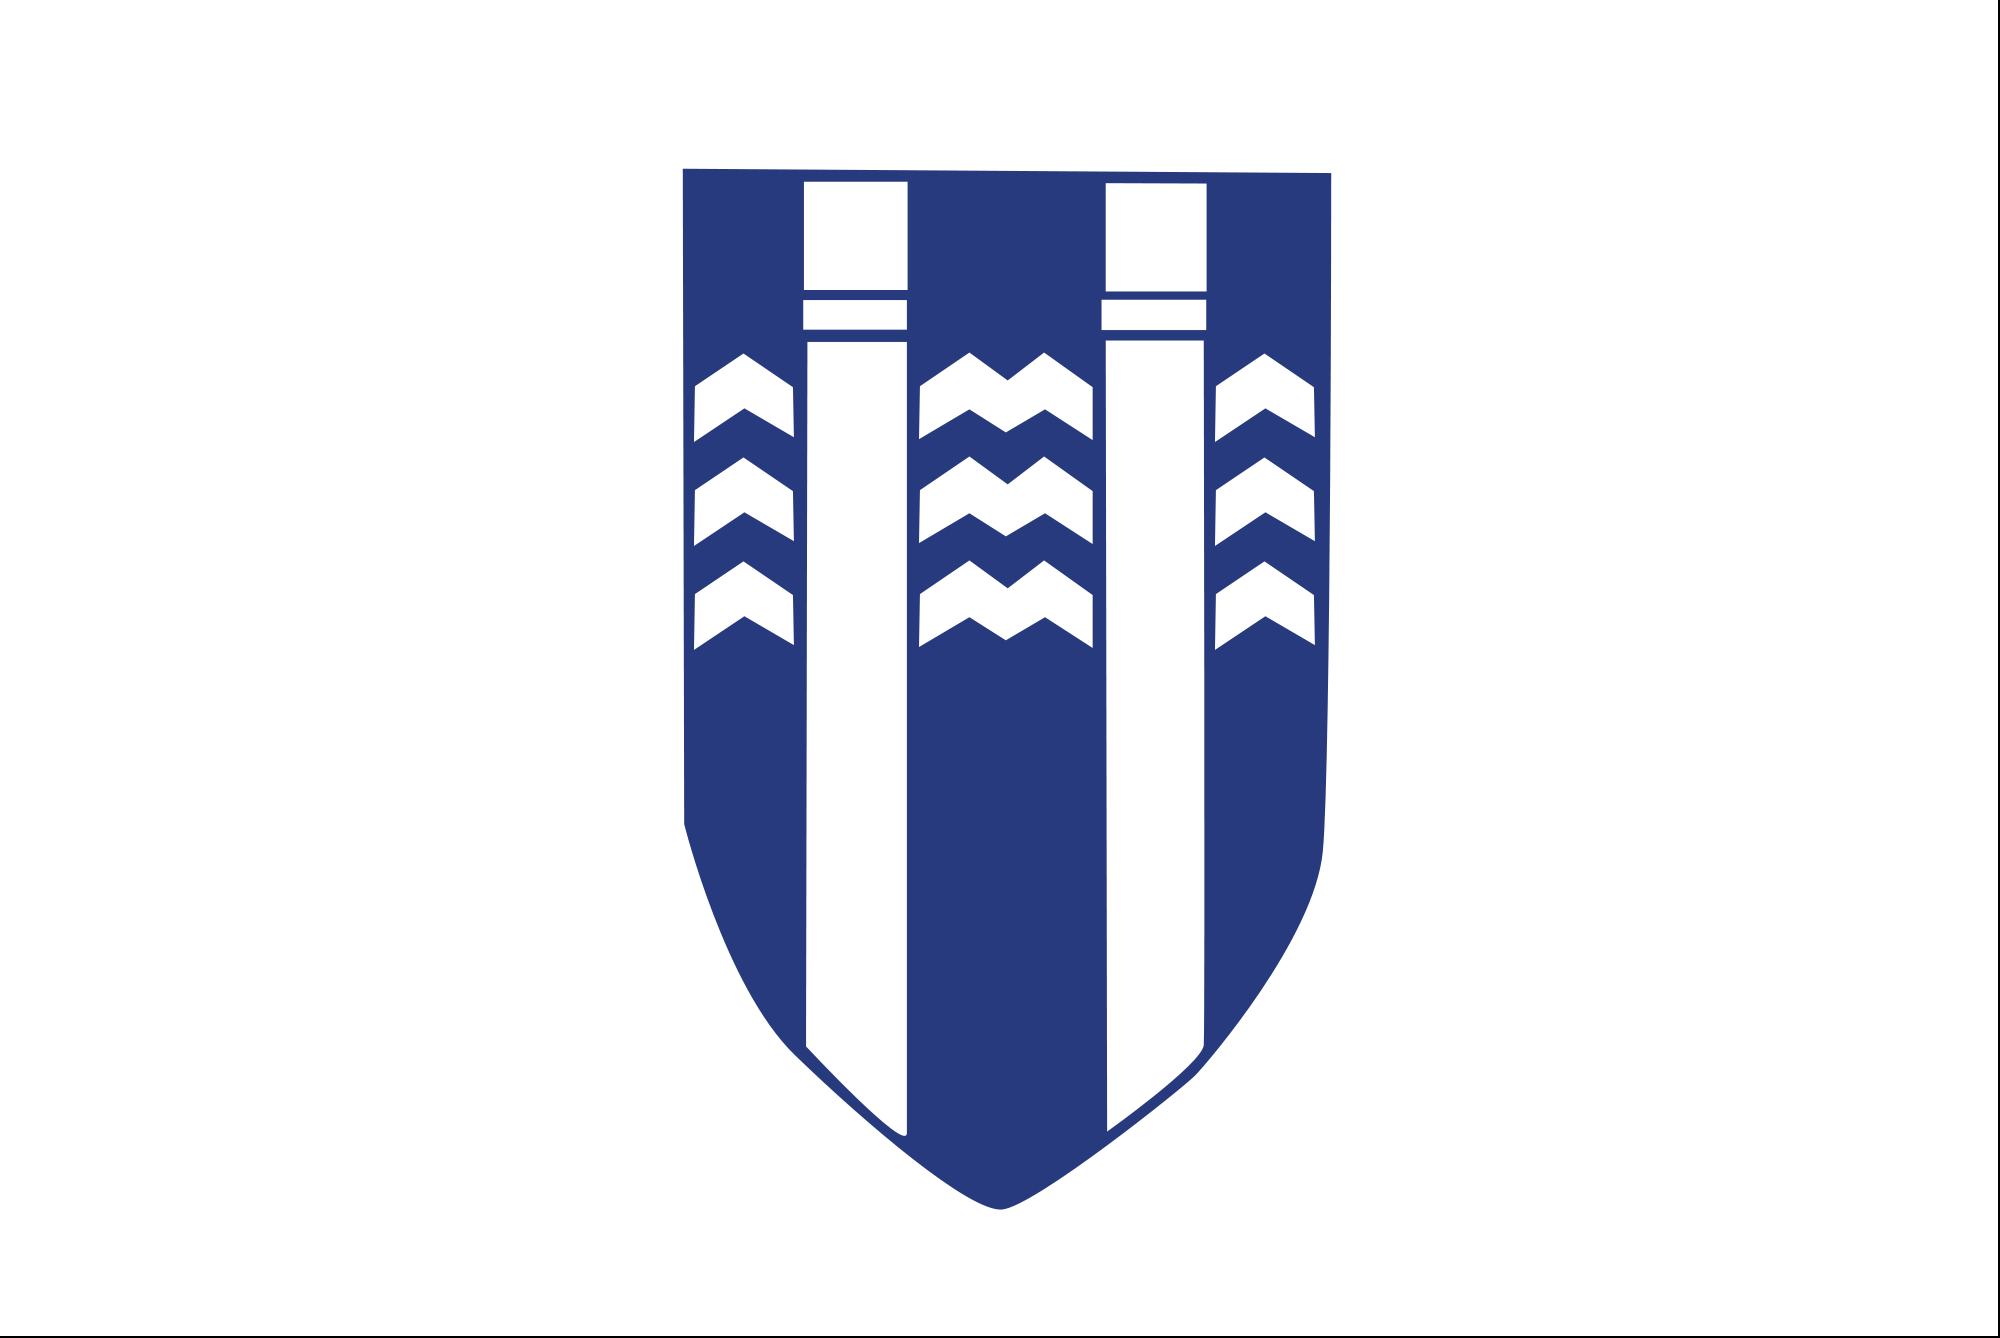 reykjavik_coat_of_arms.png